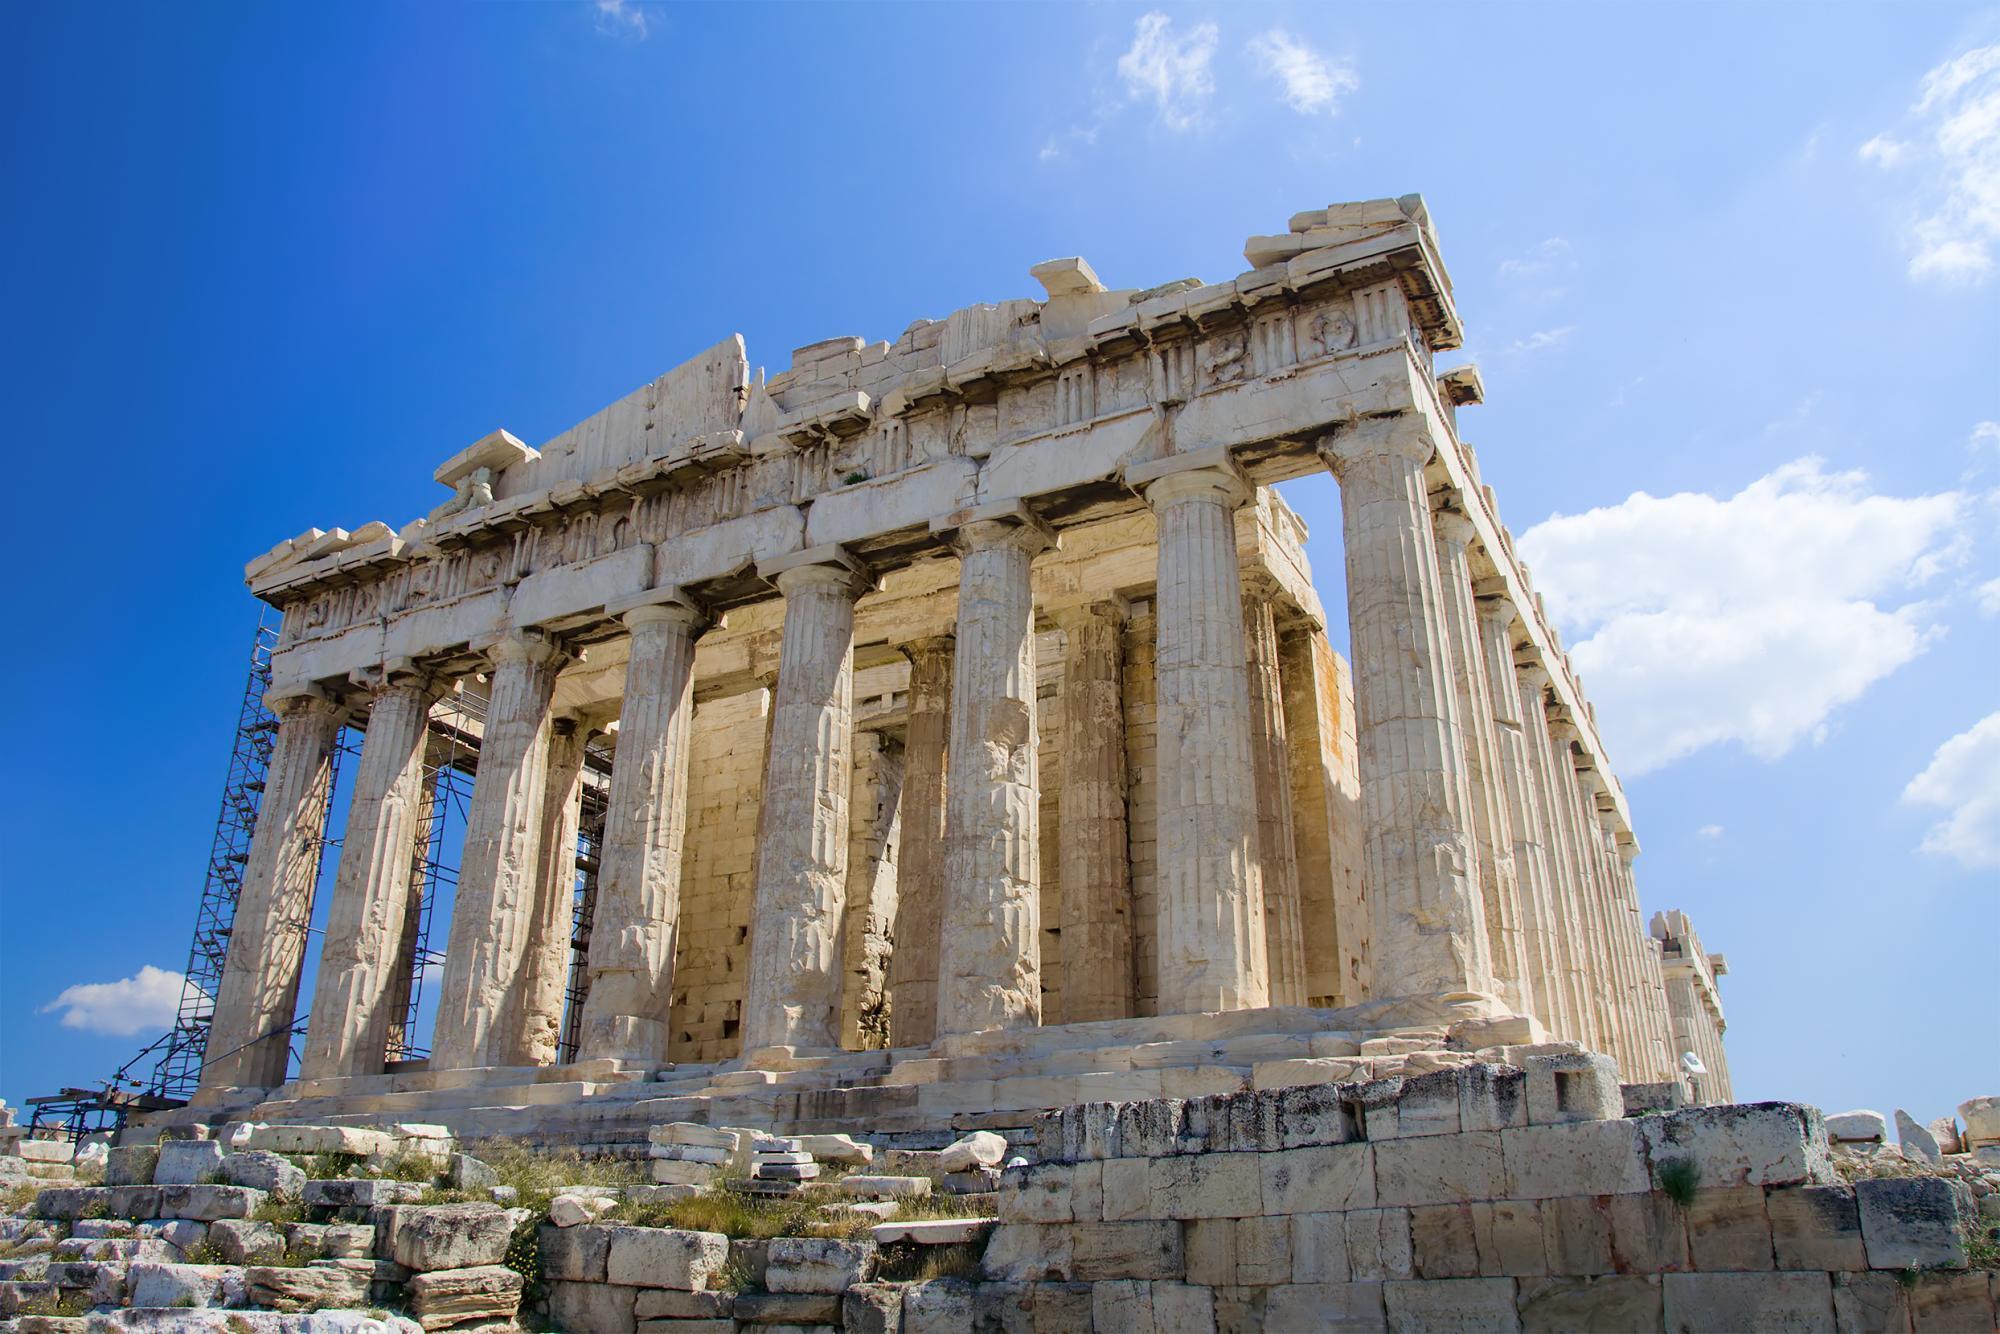 Greece in the Roman era